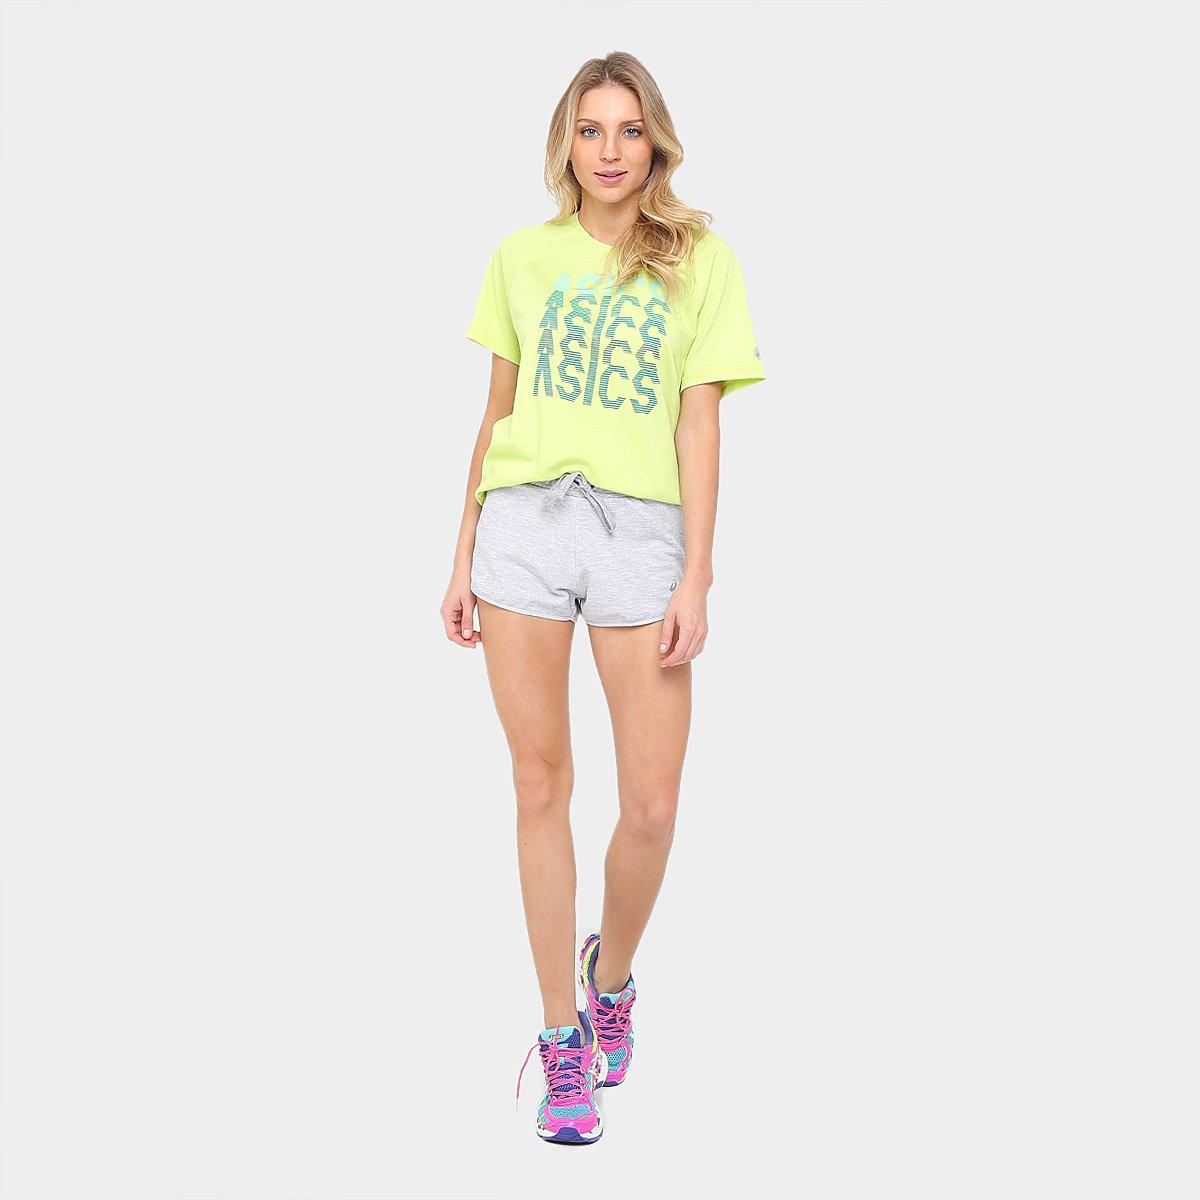 Camiseta Tee Asics Training Masculina Amarelo Ss Asics Camiseta Asics Training Limão AdwCH1q